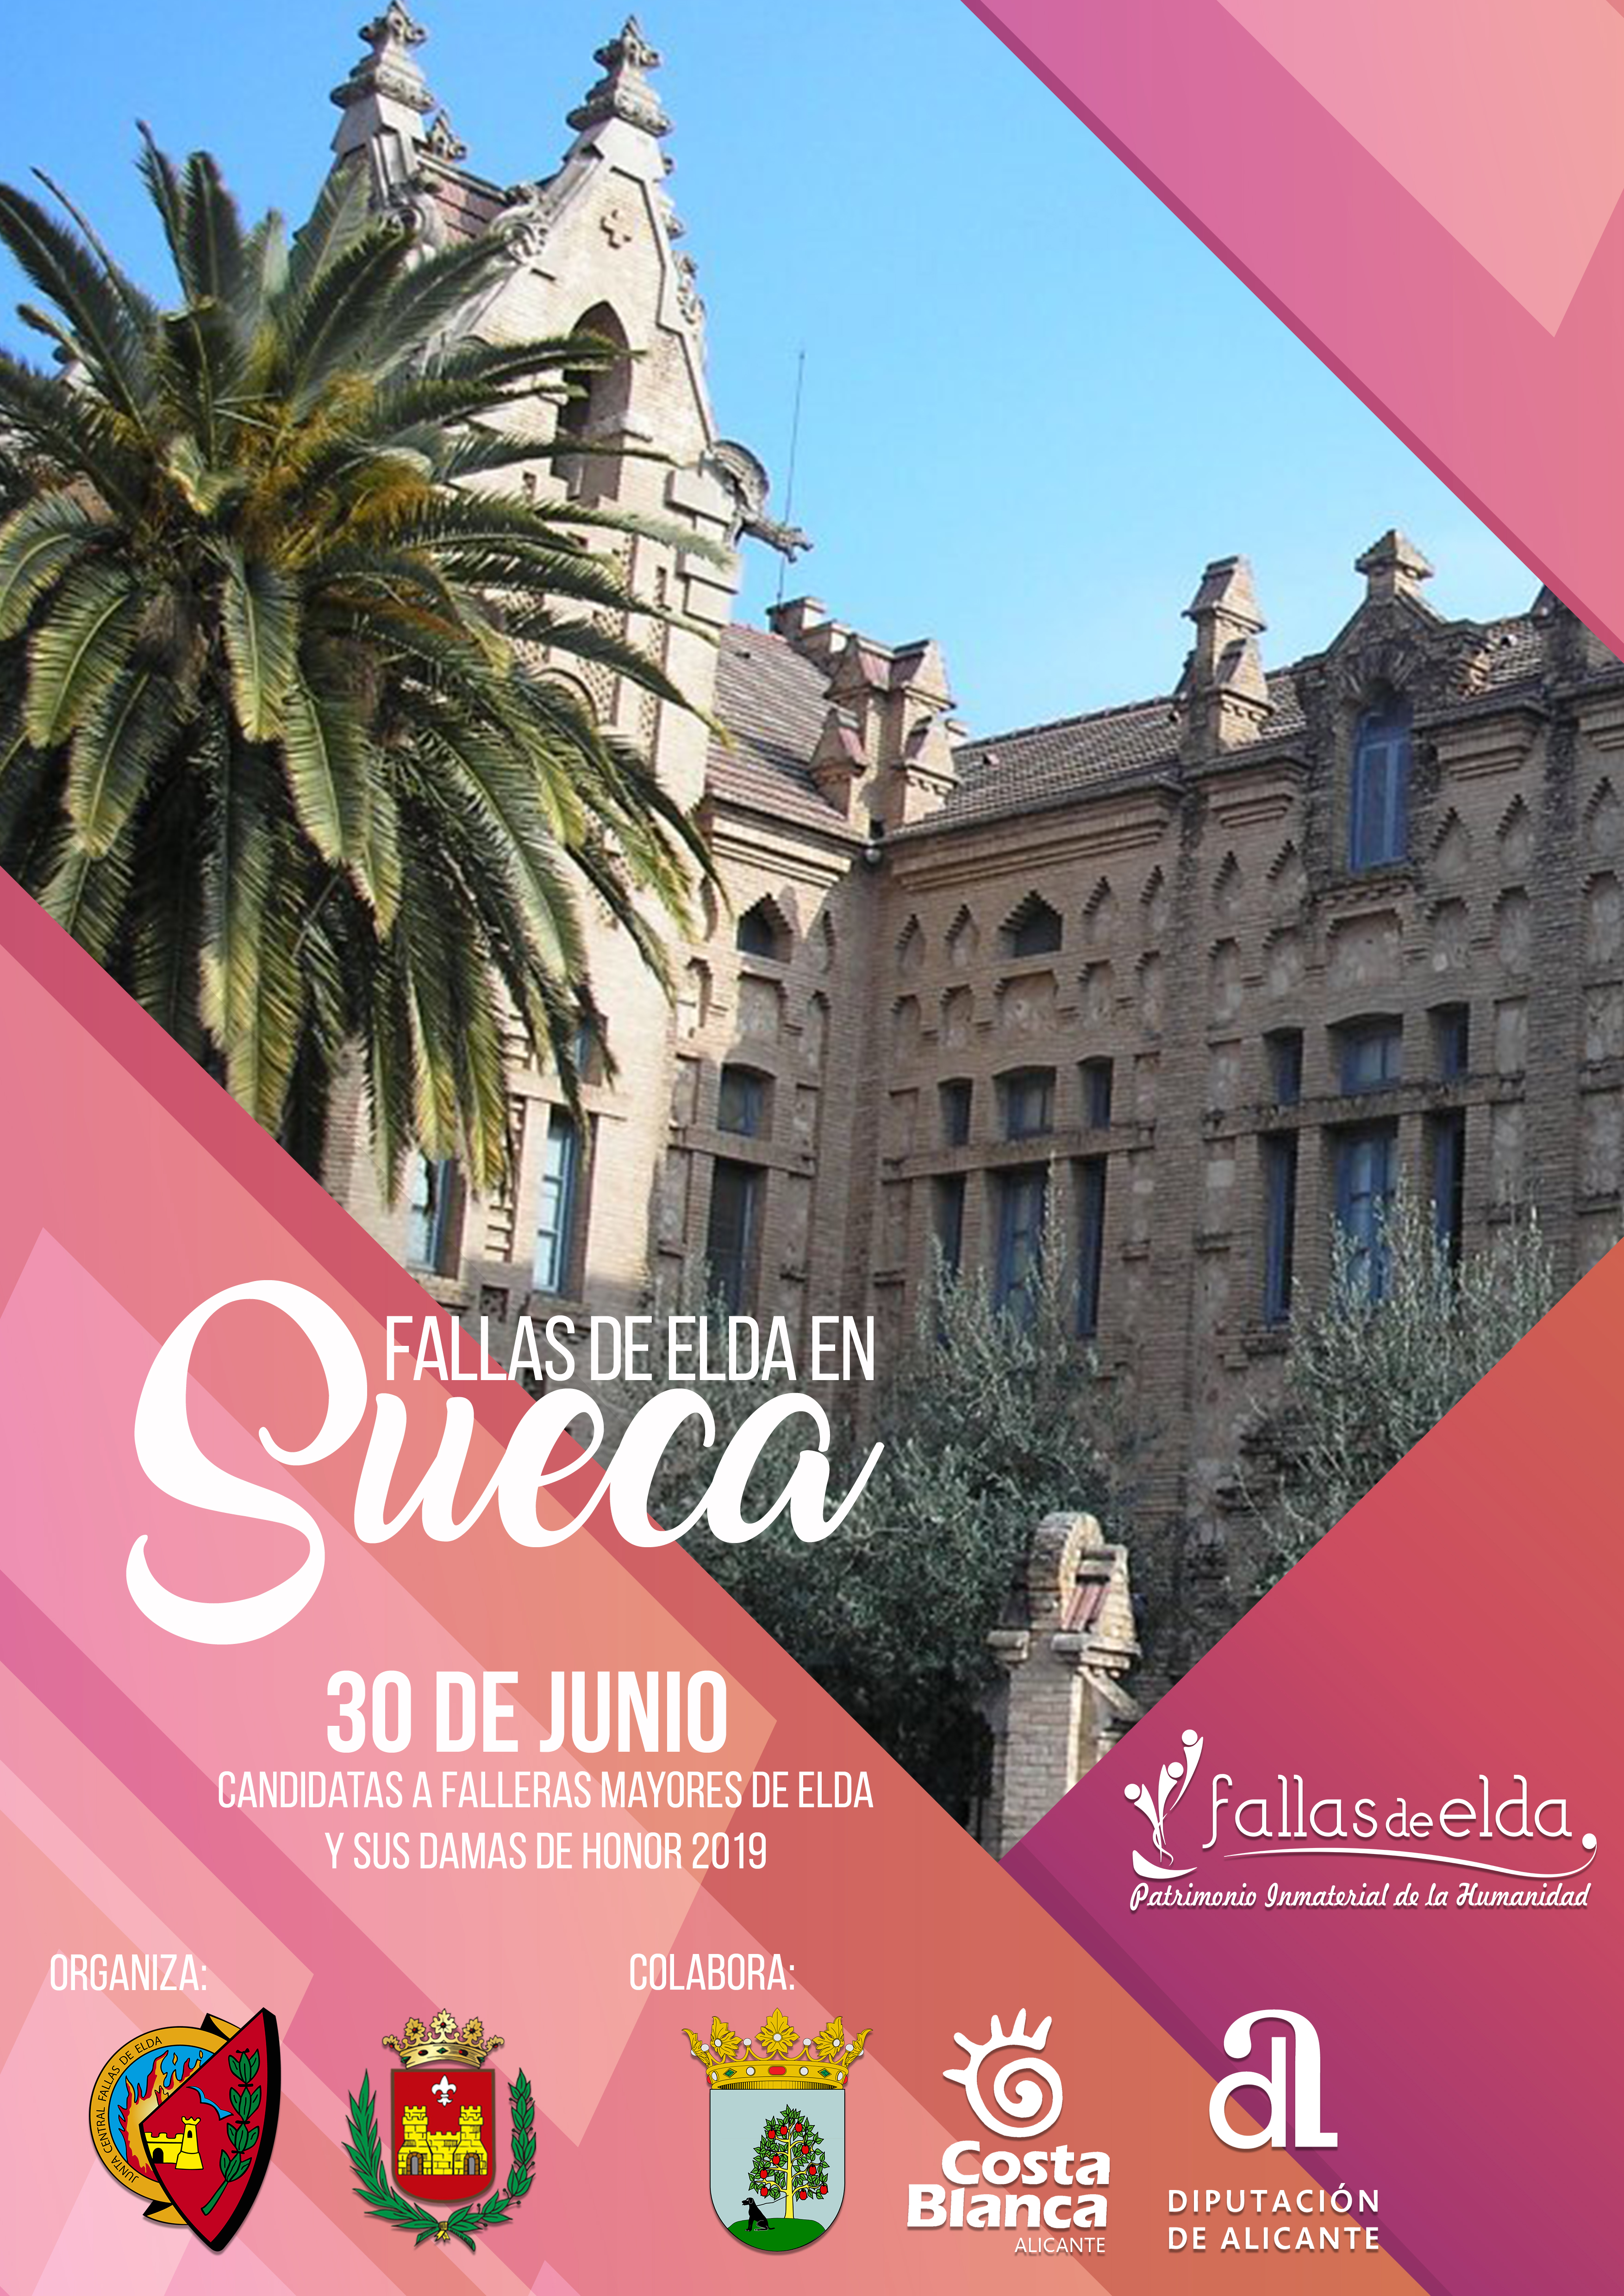 Las candidatas a Falleras Mayores de Elda disfrutarán de una jornada de convivencia en la ciudad valenciana de Sueca.